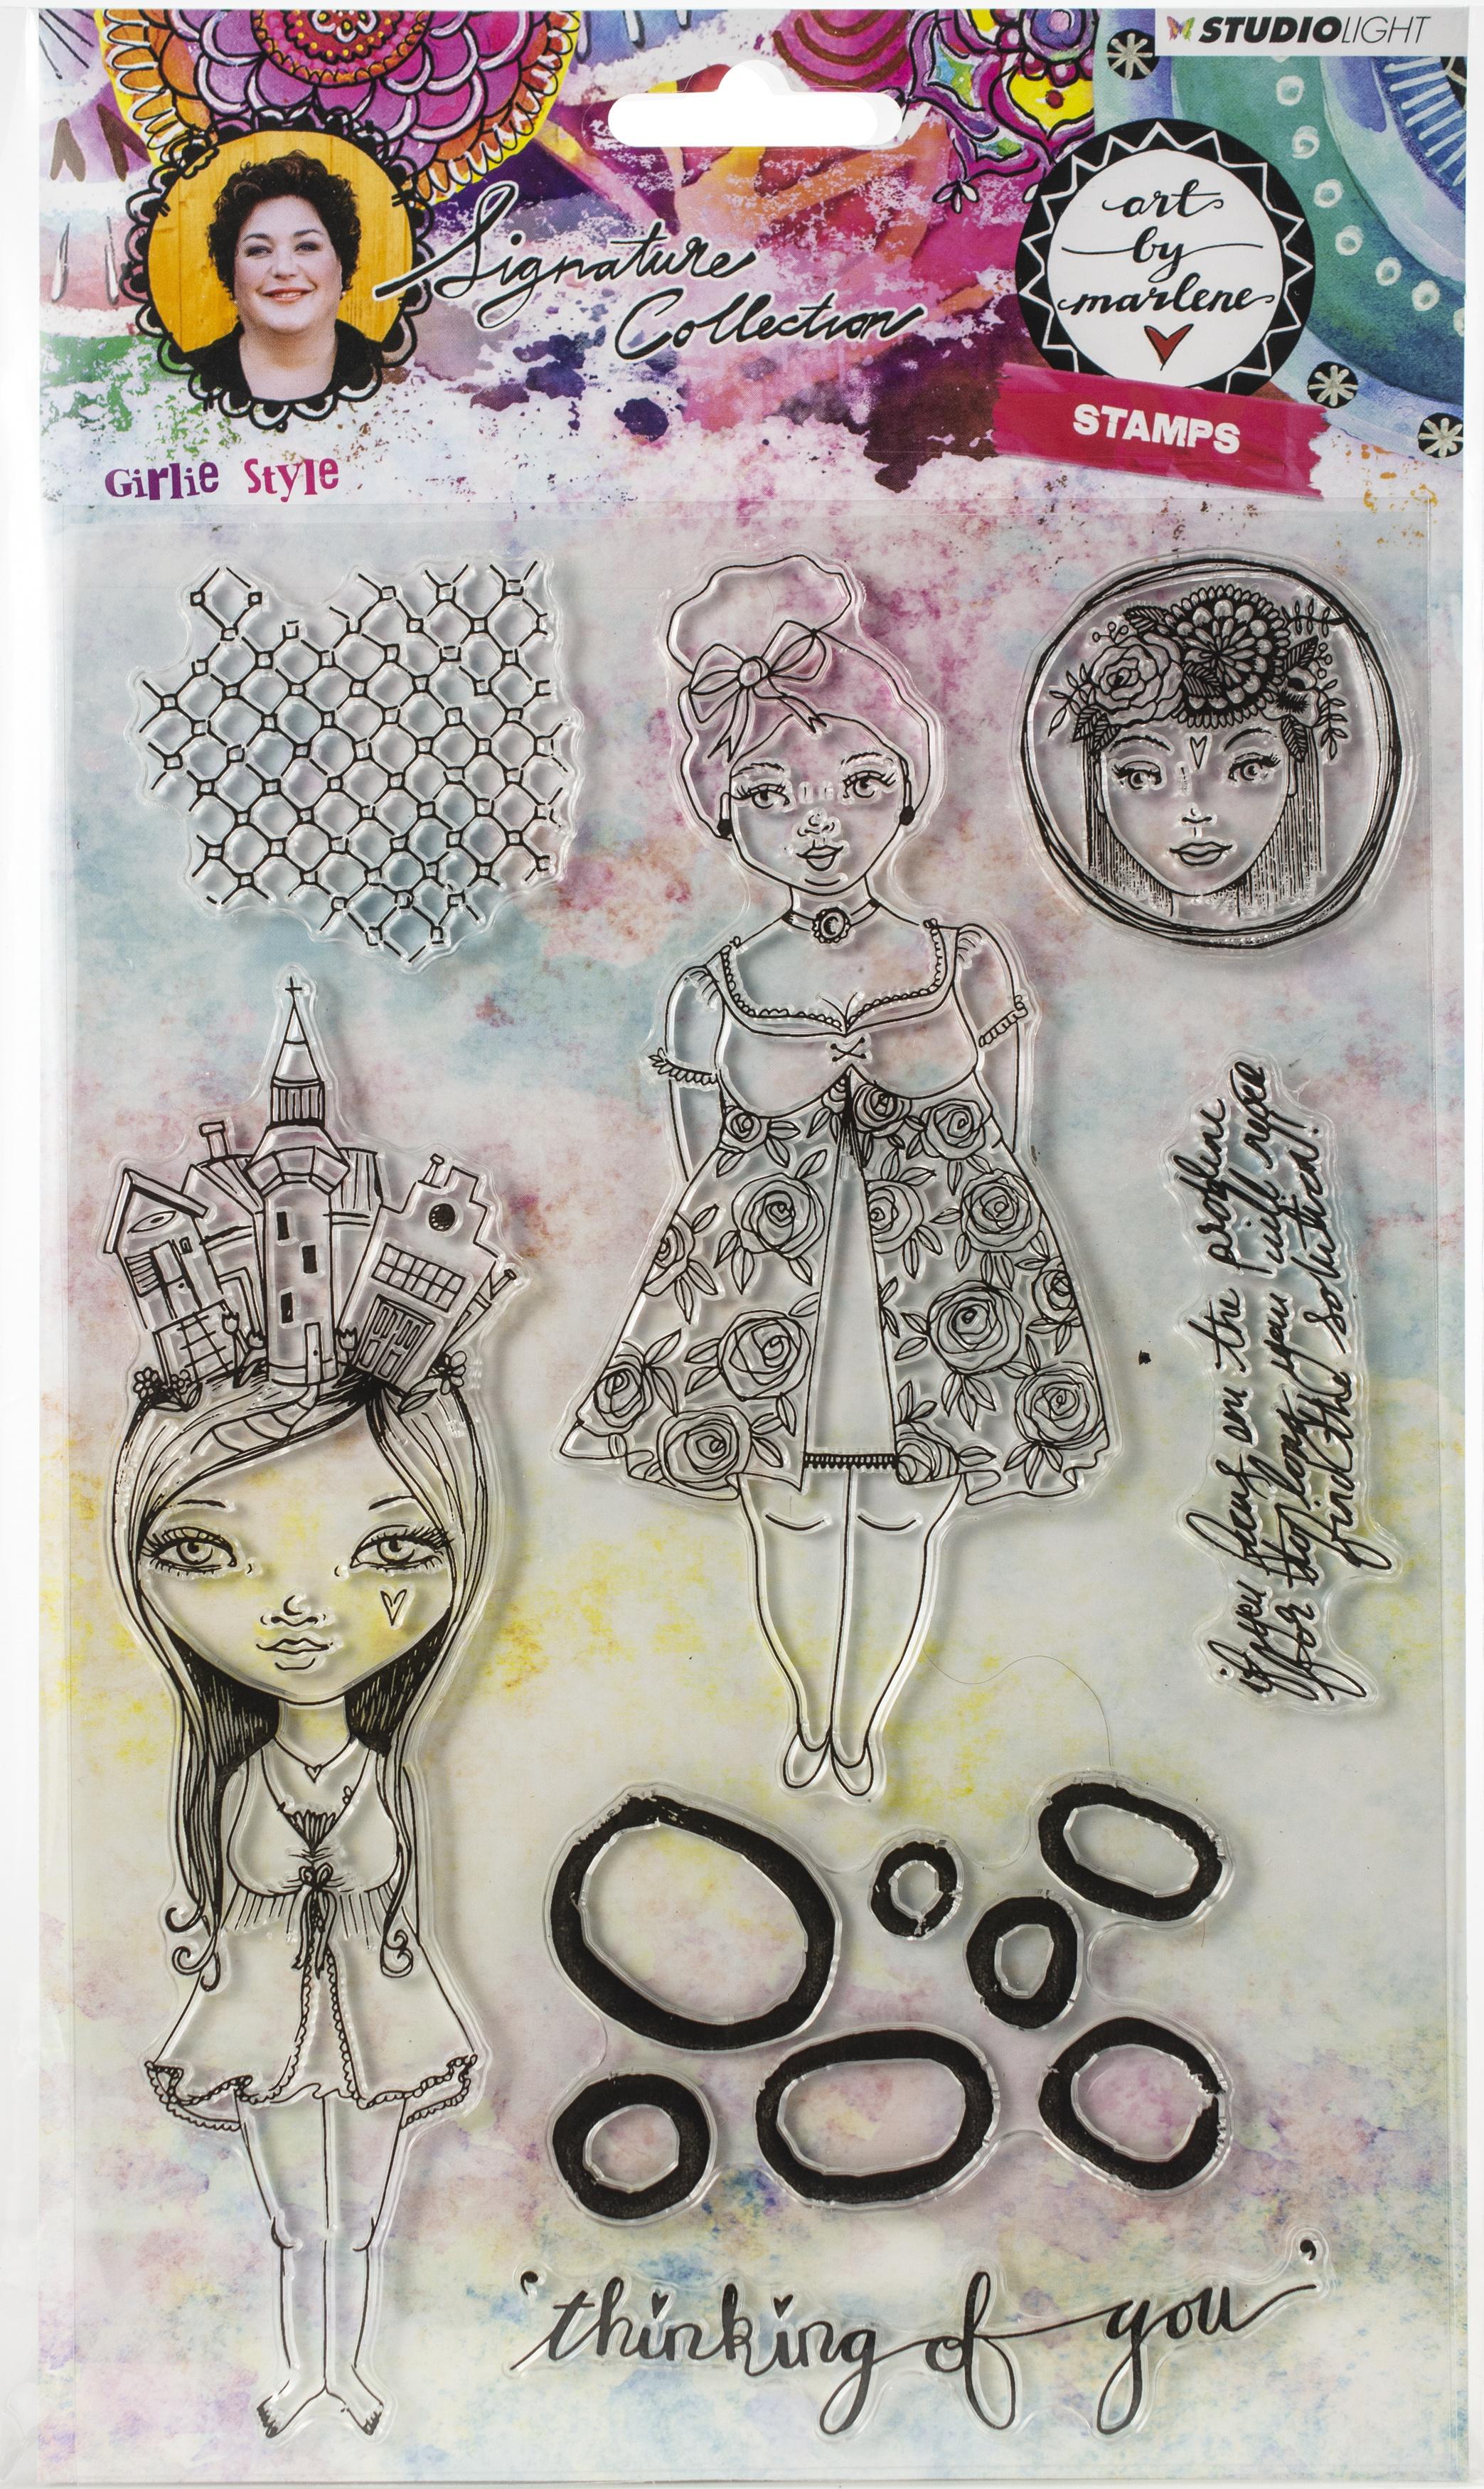 Studio Light Art By Marlene 3.0 Stamps-NR. 37, Girlie Style